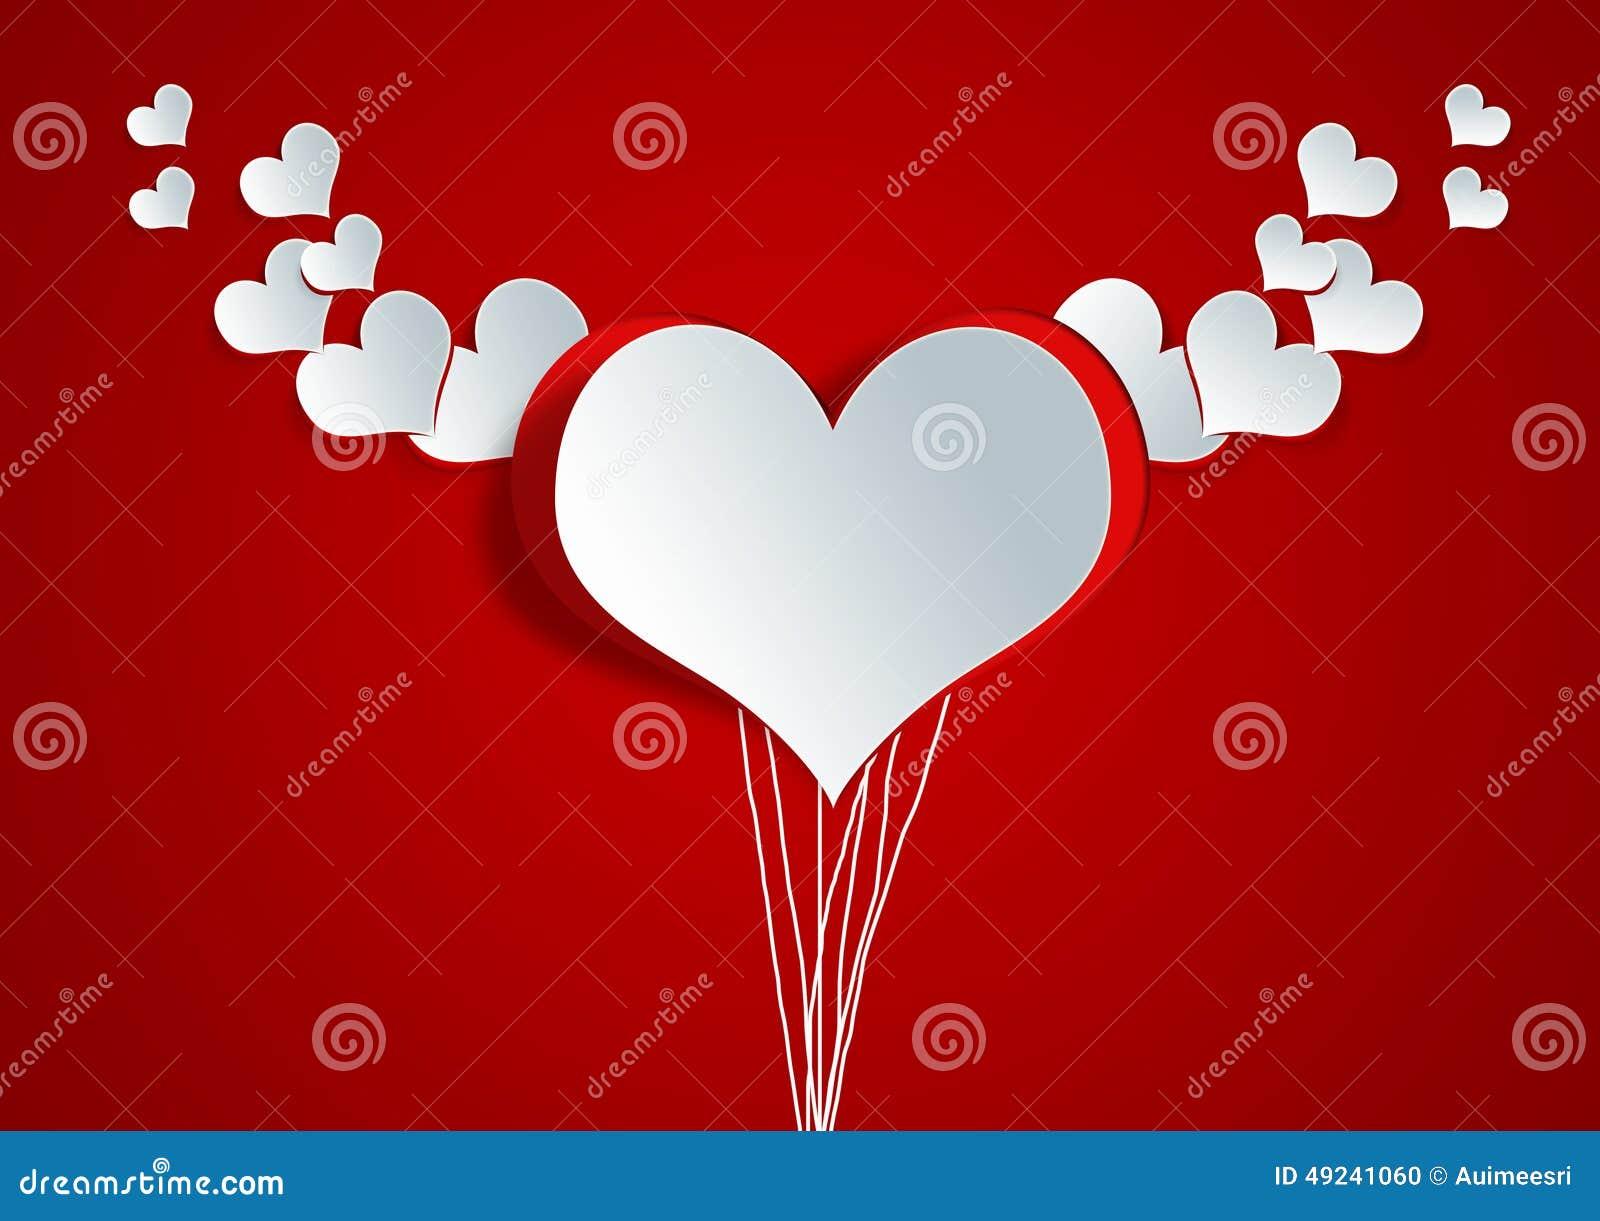 Heart shape on paper craft stock illustration illustration of heart shape on paper craft blank valentine jeuxipadfo Images